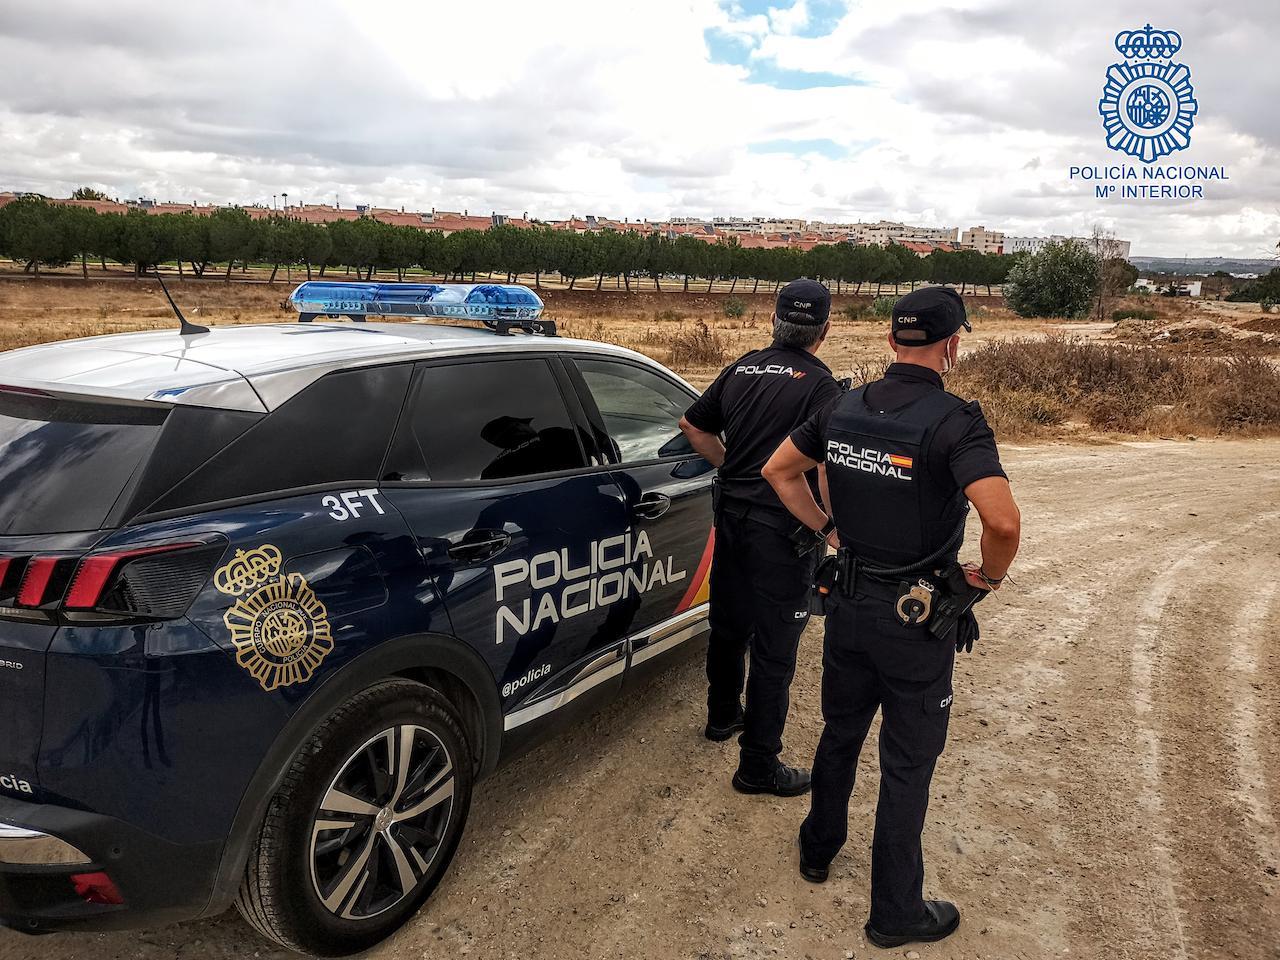 Detenido en Jerez un menor de 15 años por un robo con navaja a una mujer en La Canaleja